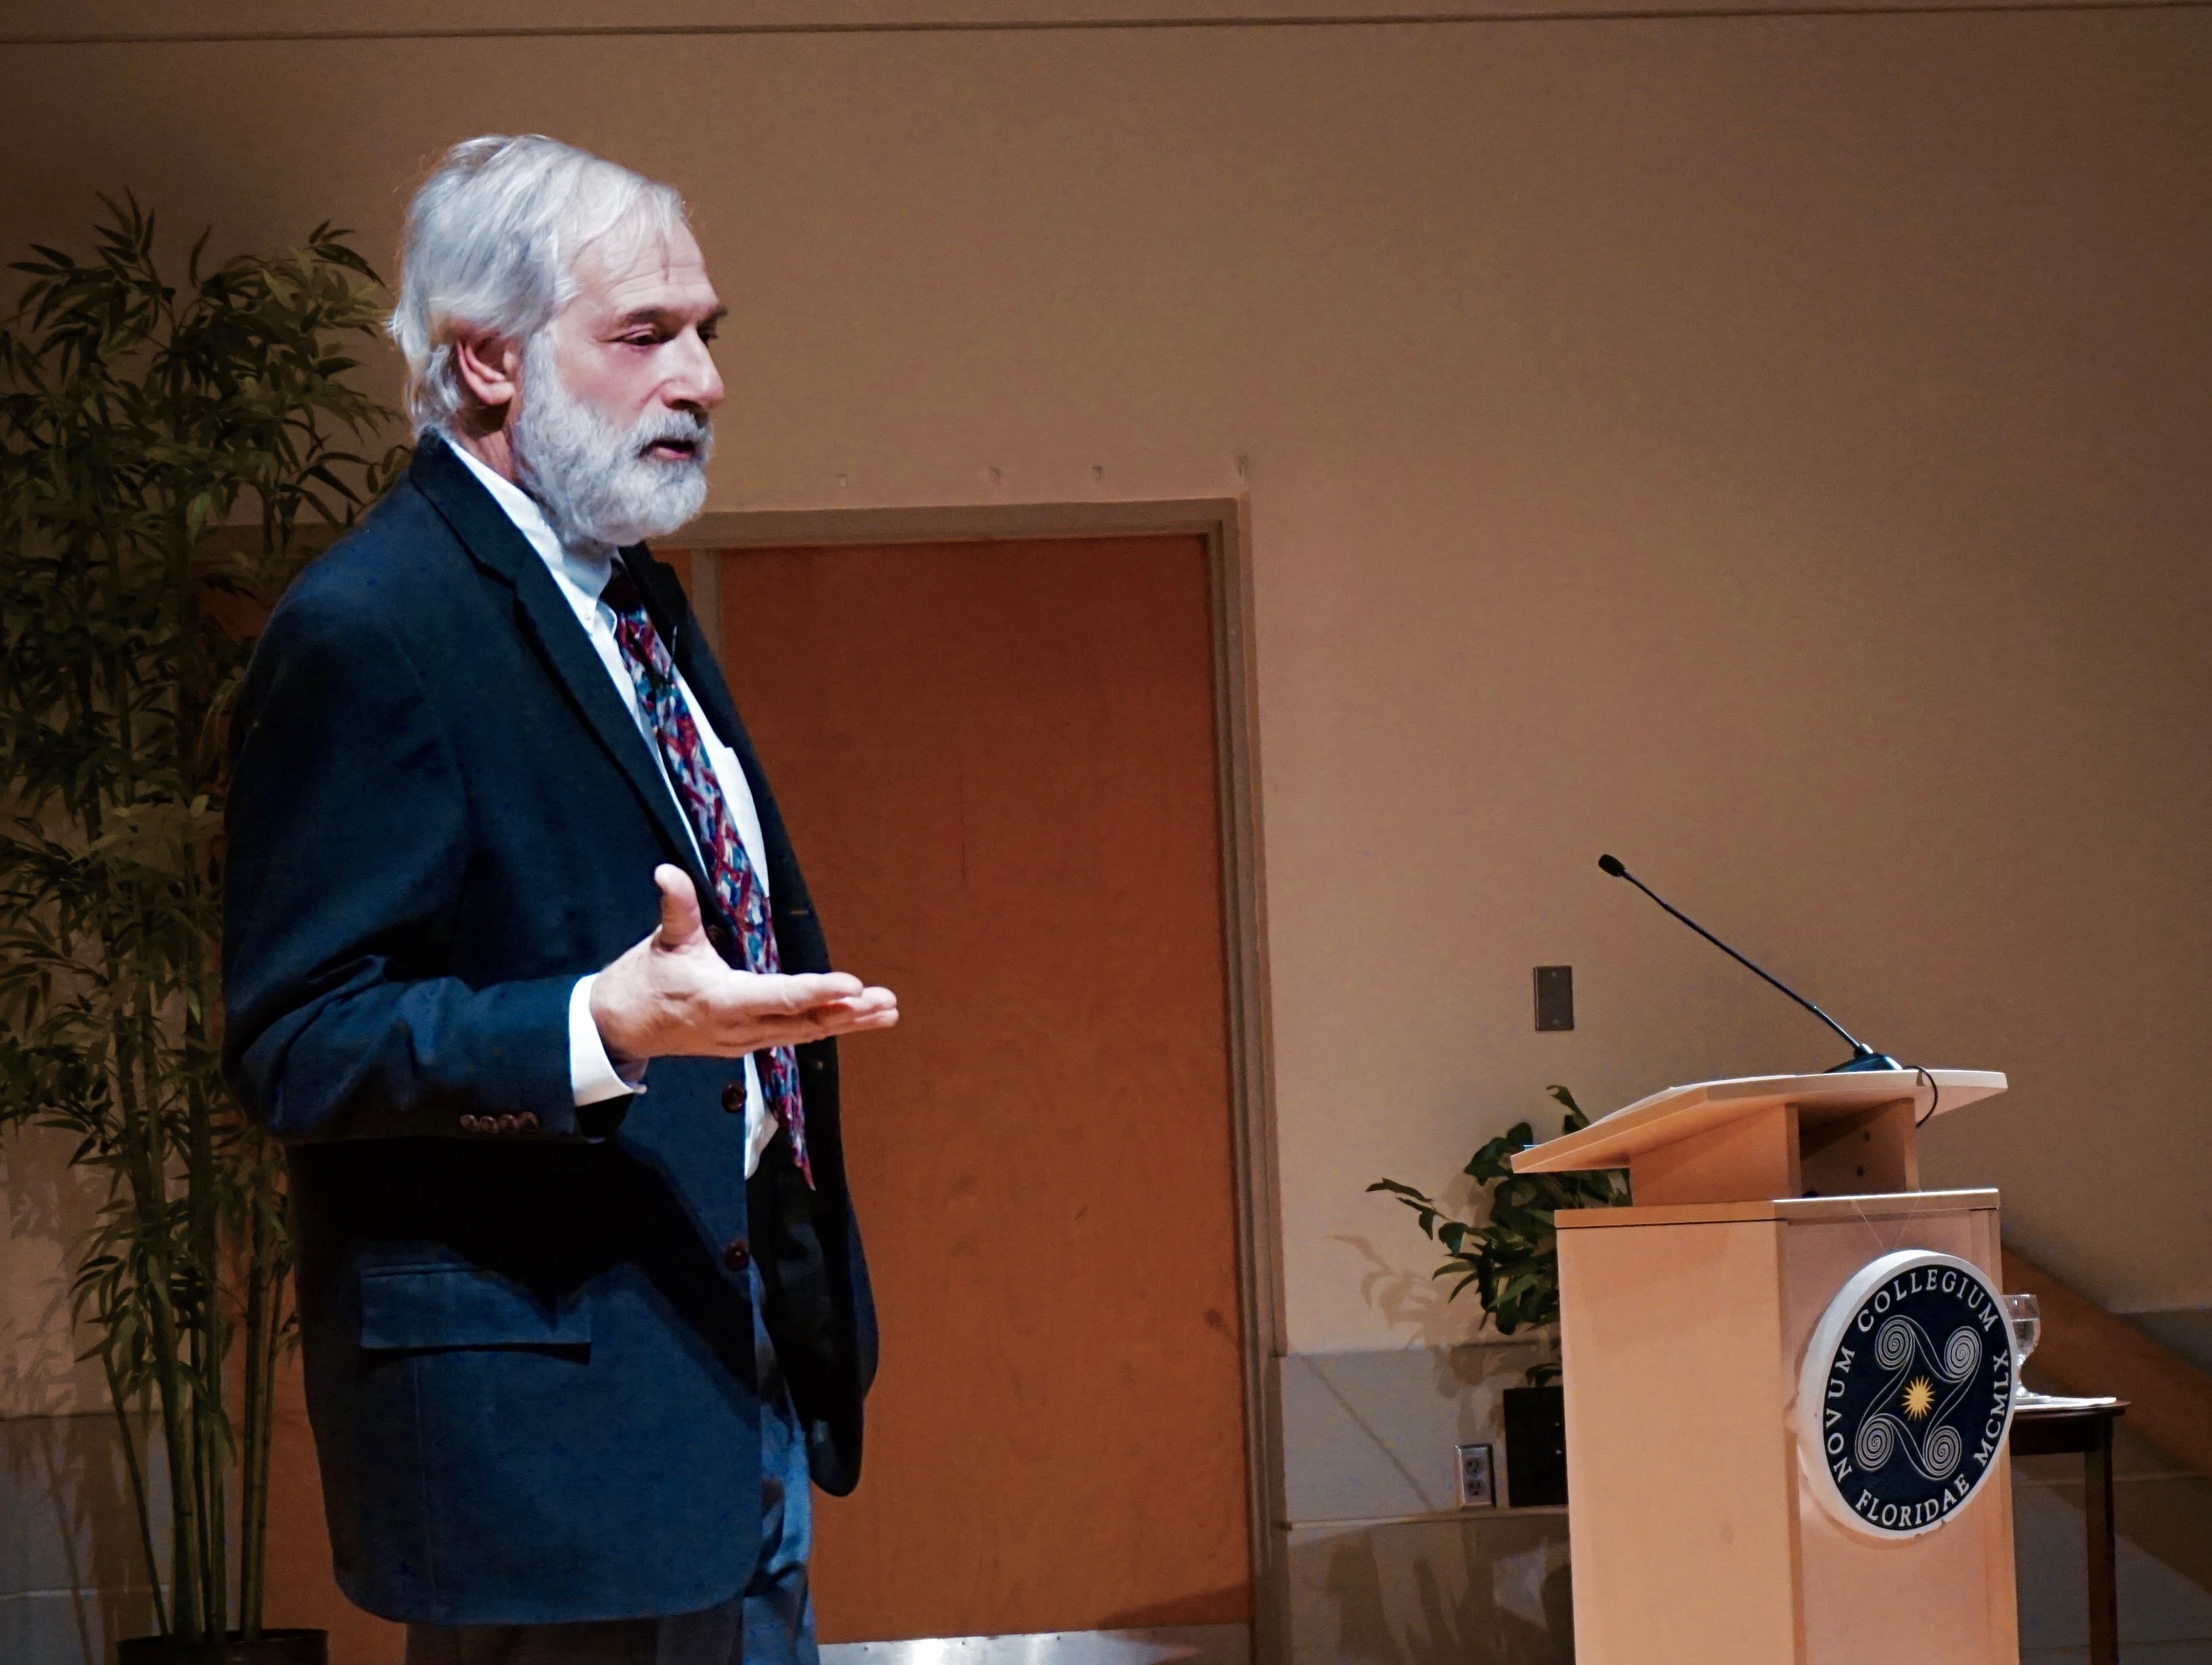 Dr. Robert Gallucci